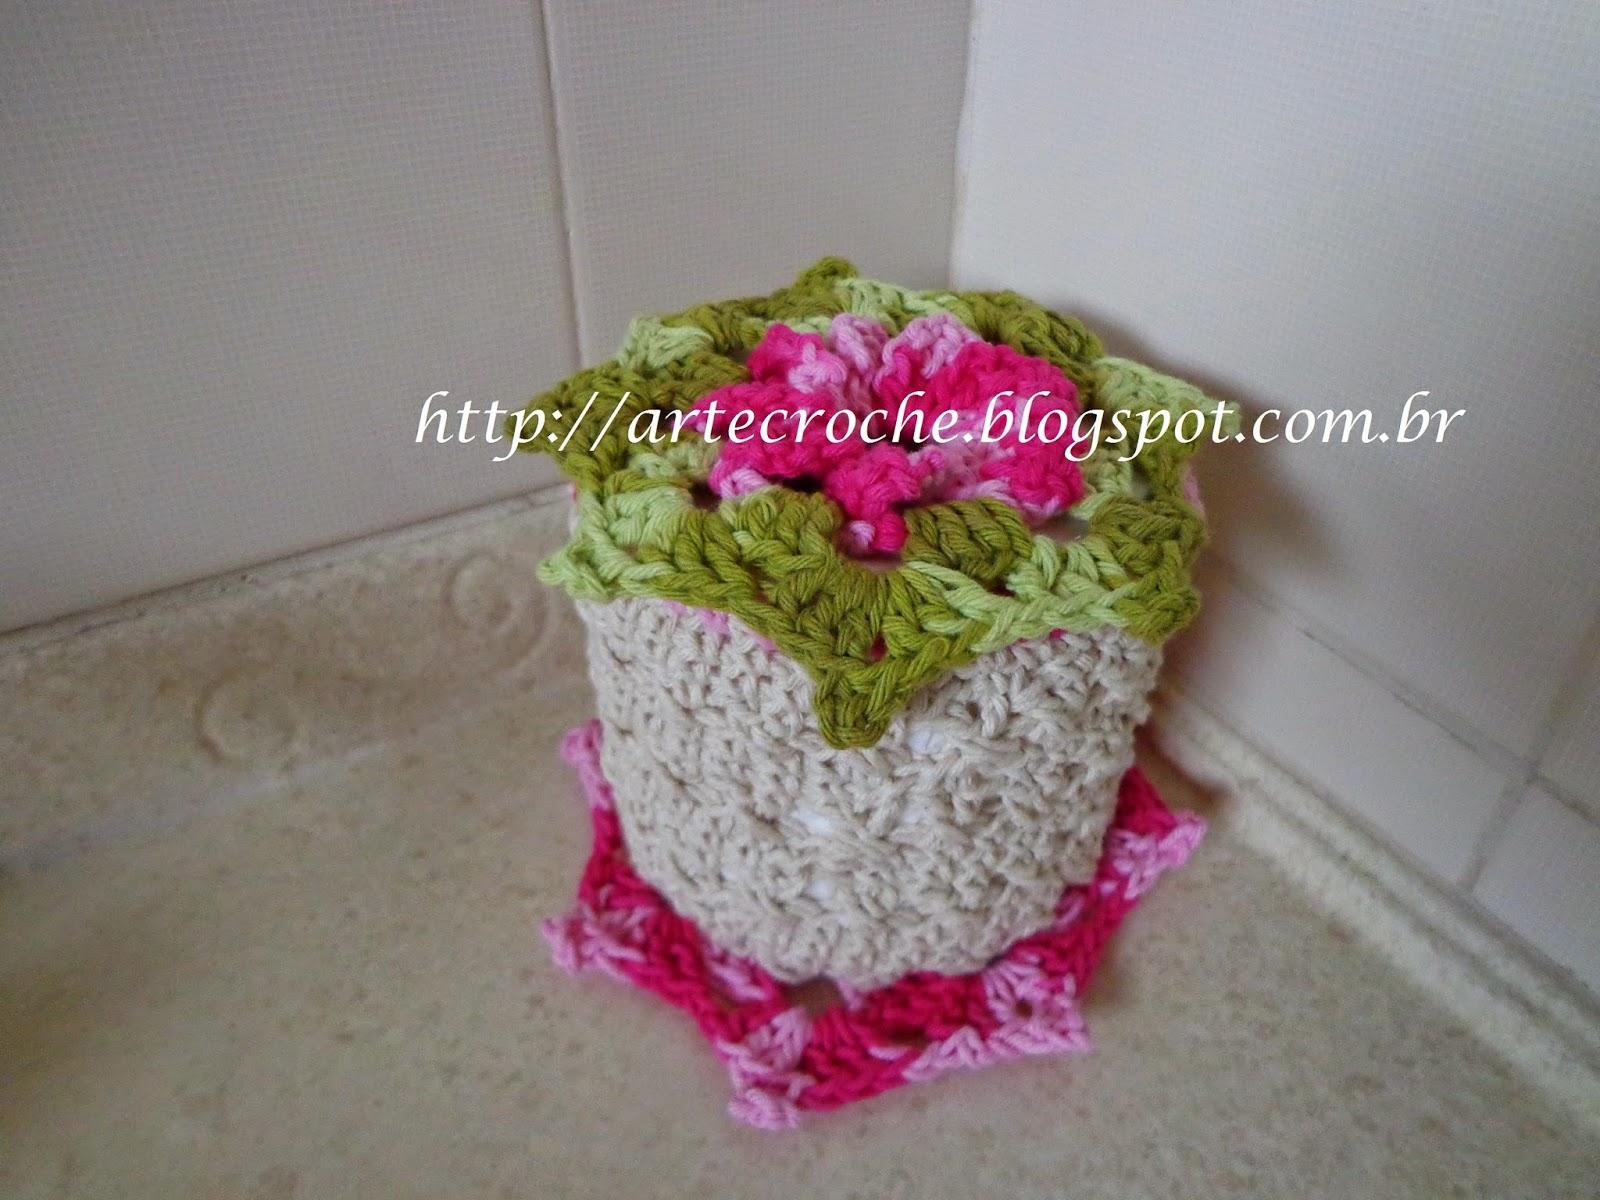 http://1.bp.blogspot.com/-cLBZAdU5_4g/VI9BSuPS-UI/AAAAAAAAHjQ/HDlDZTT6o-Q/s1600/DSC02209.jpg